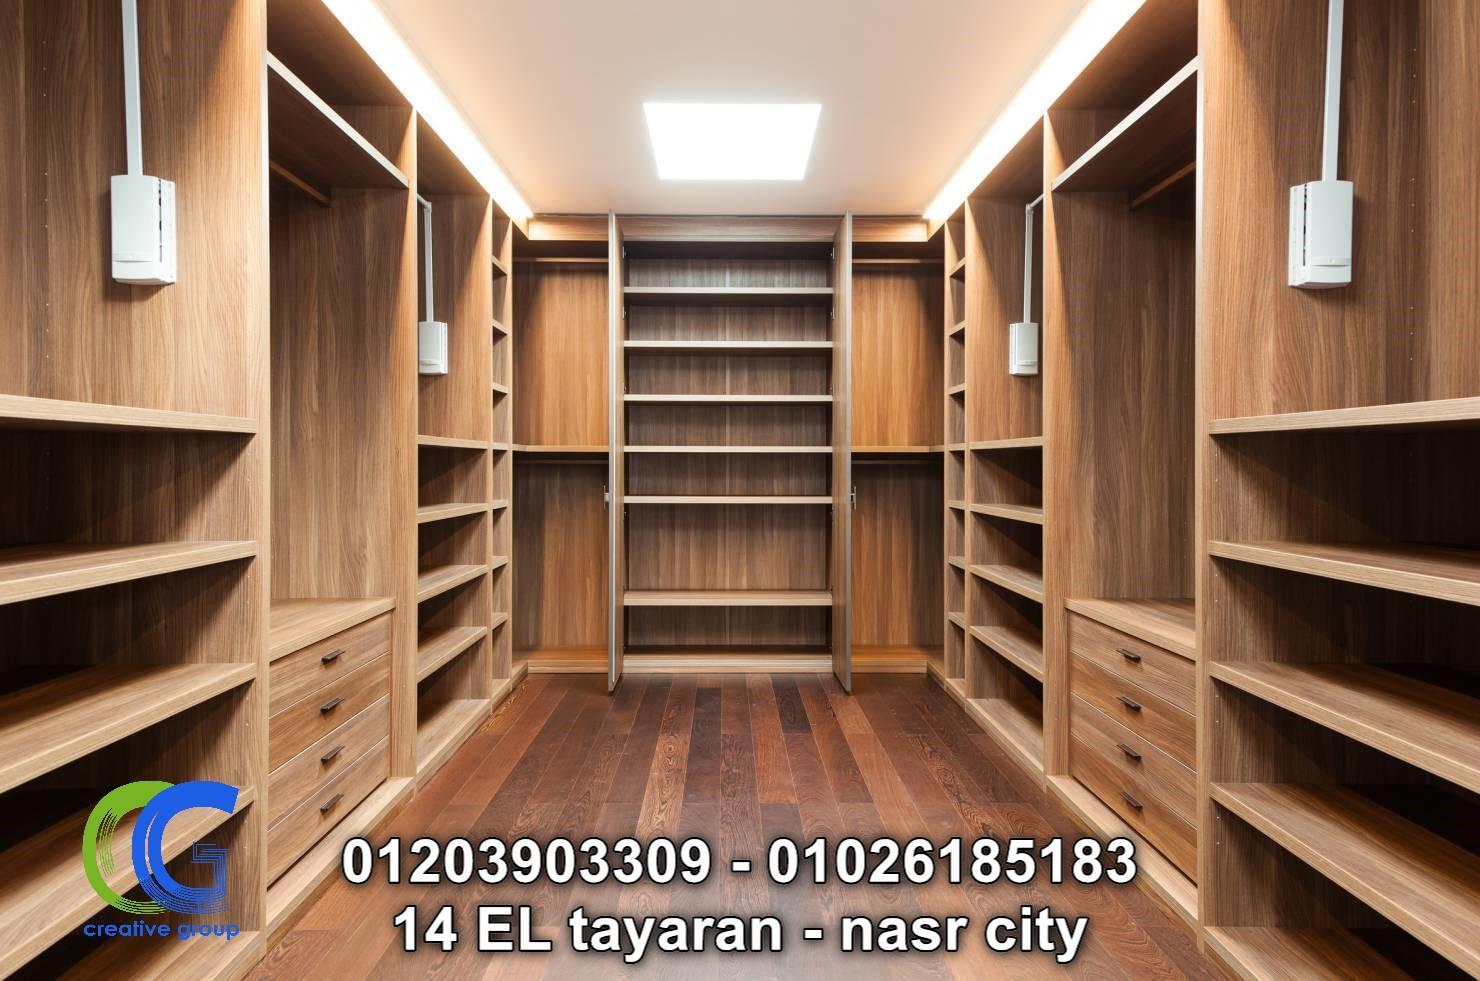 غرف ملابس حديثة – كرياتف جروب  (  01026185183)  690588510